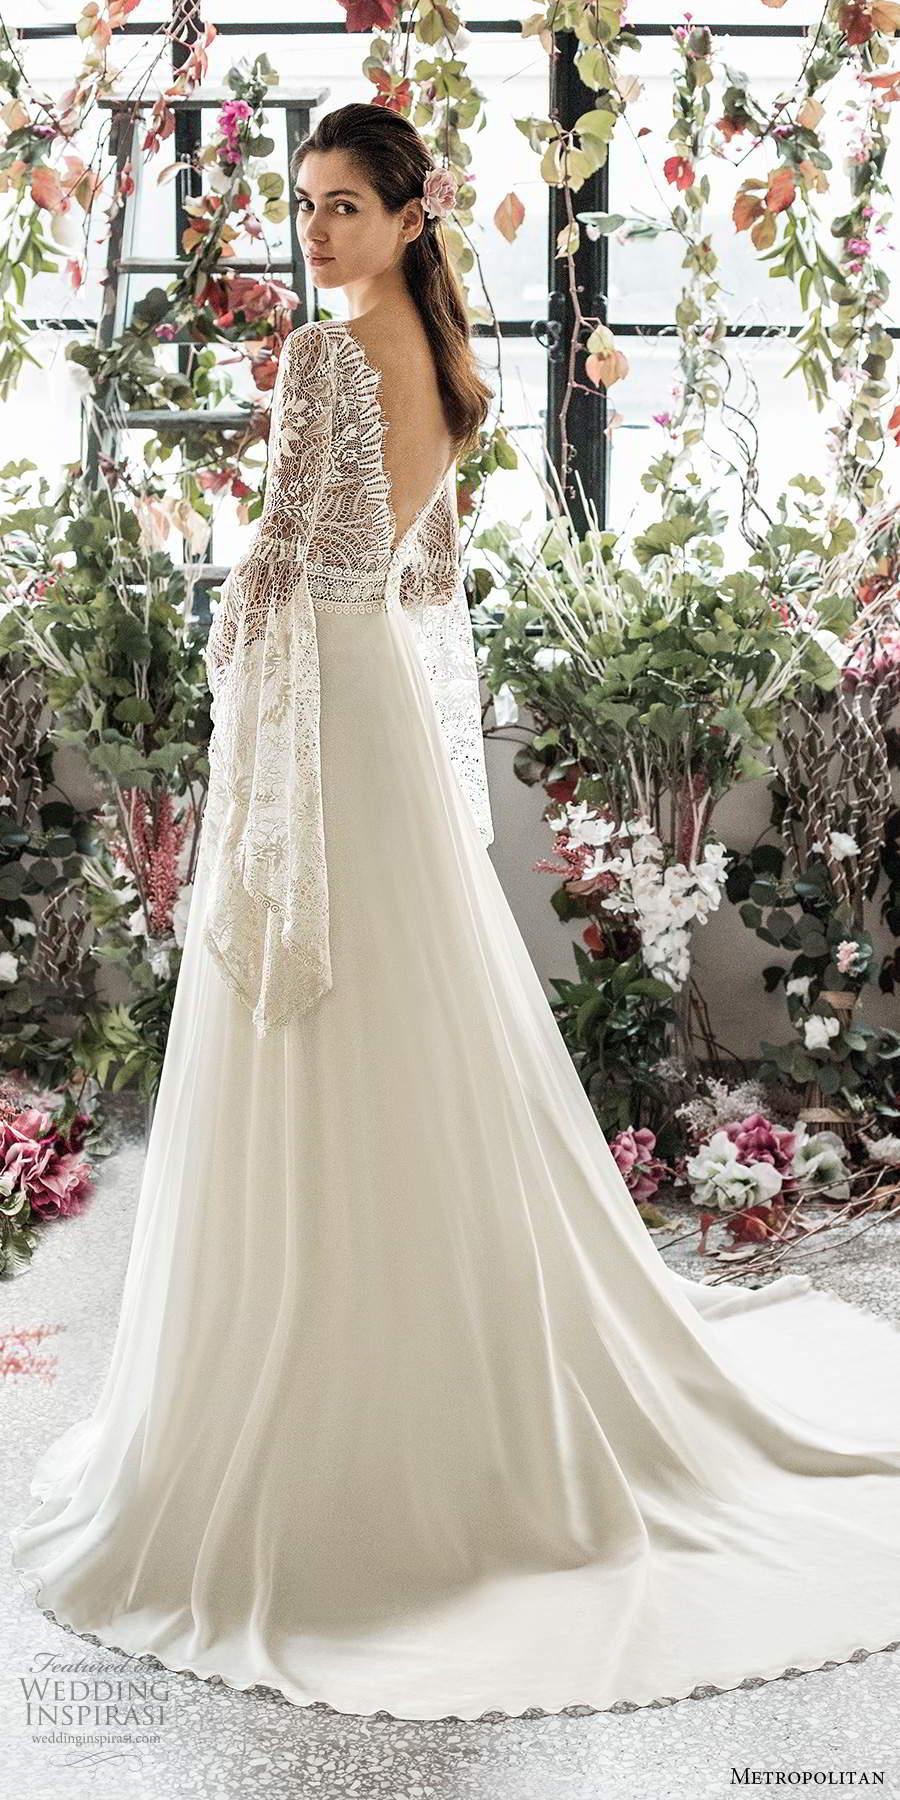 metropolitan spring 2020 bridal illusion long flare sleeves v neckline embellished lace bodice boho chic a line wedding dress v back chapel train (11) sv